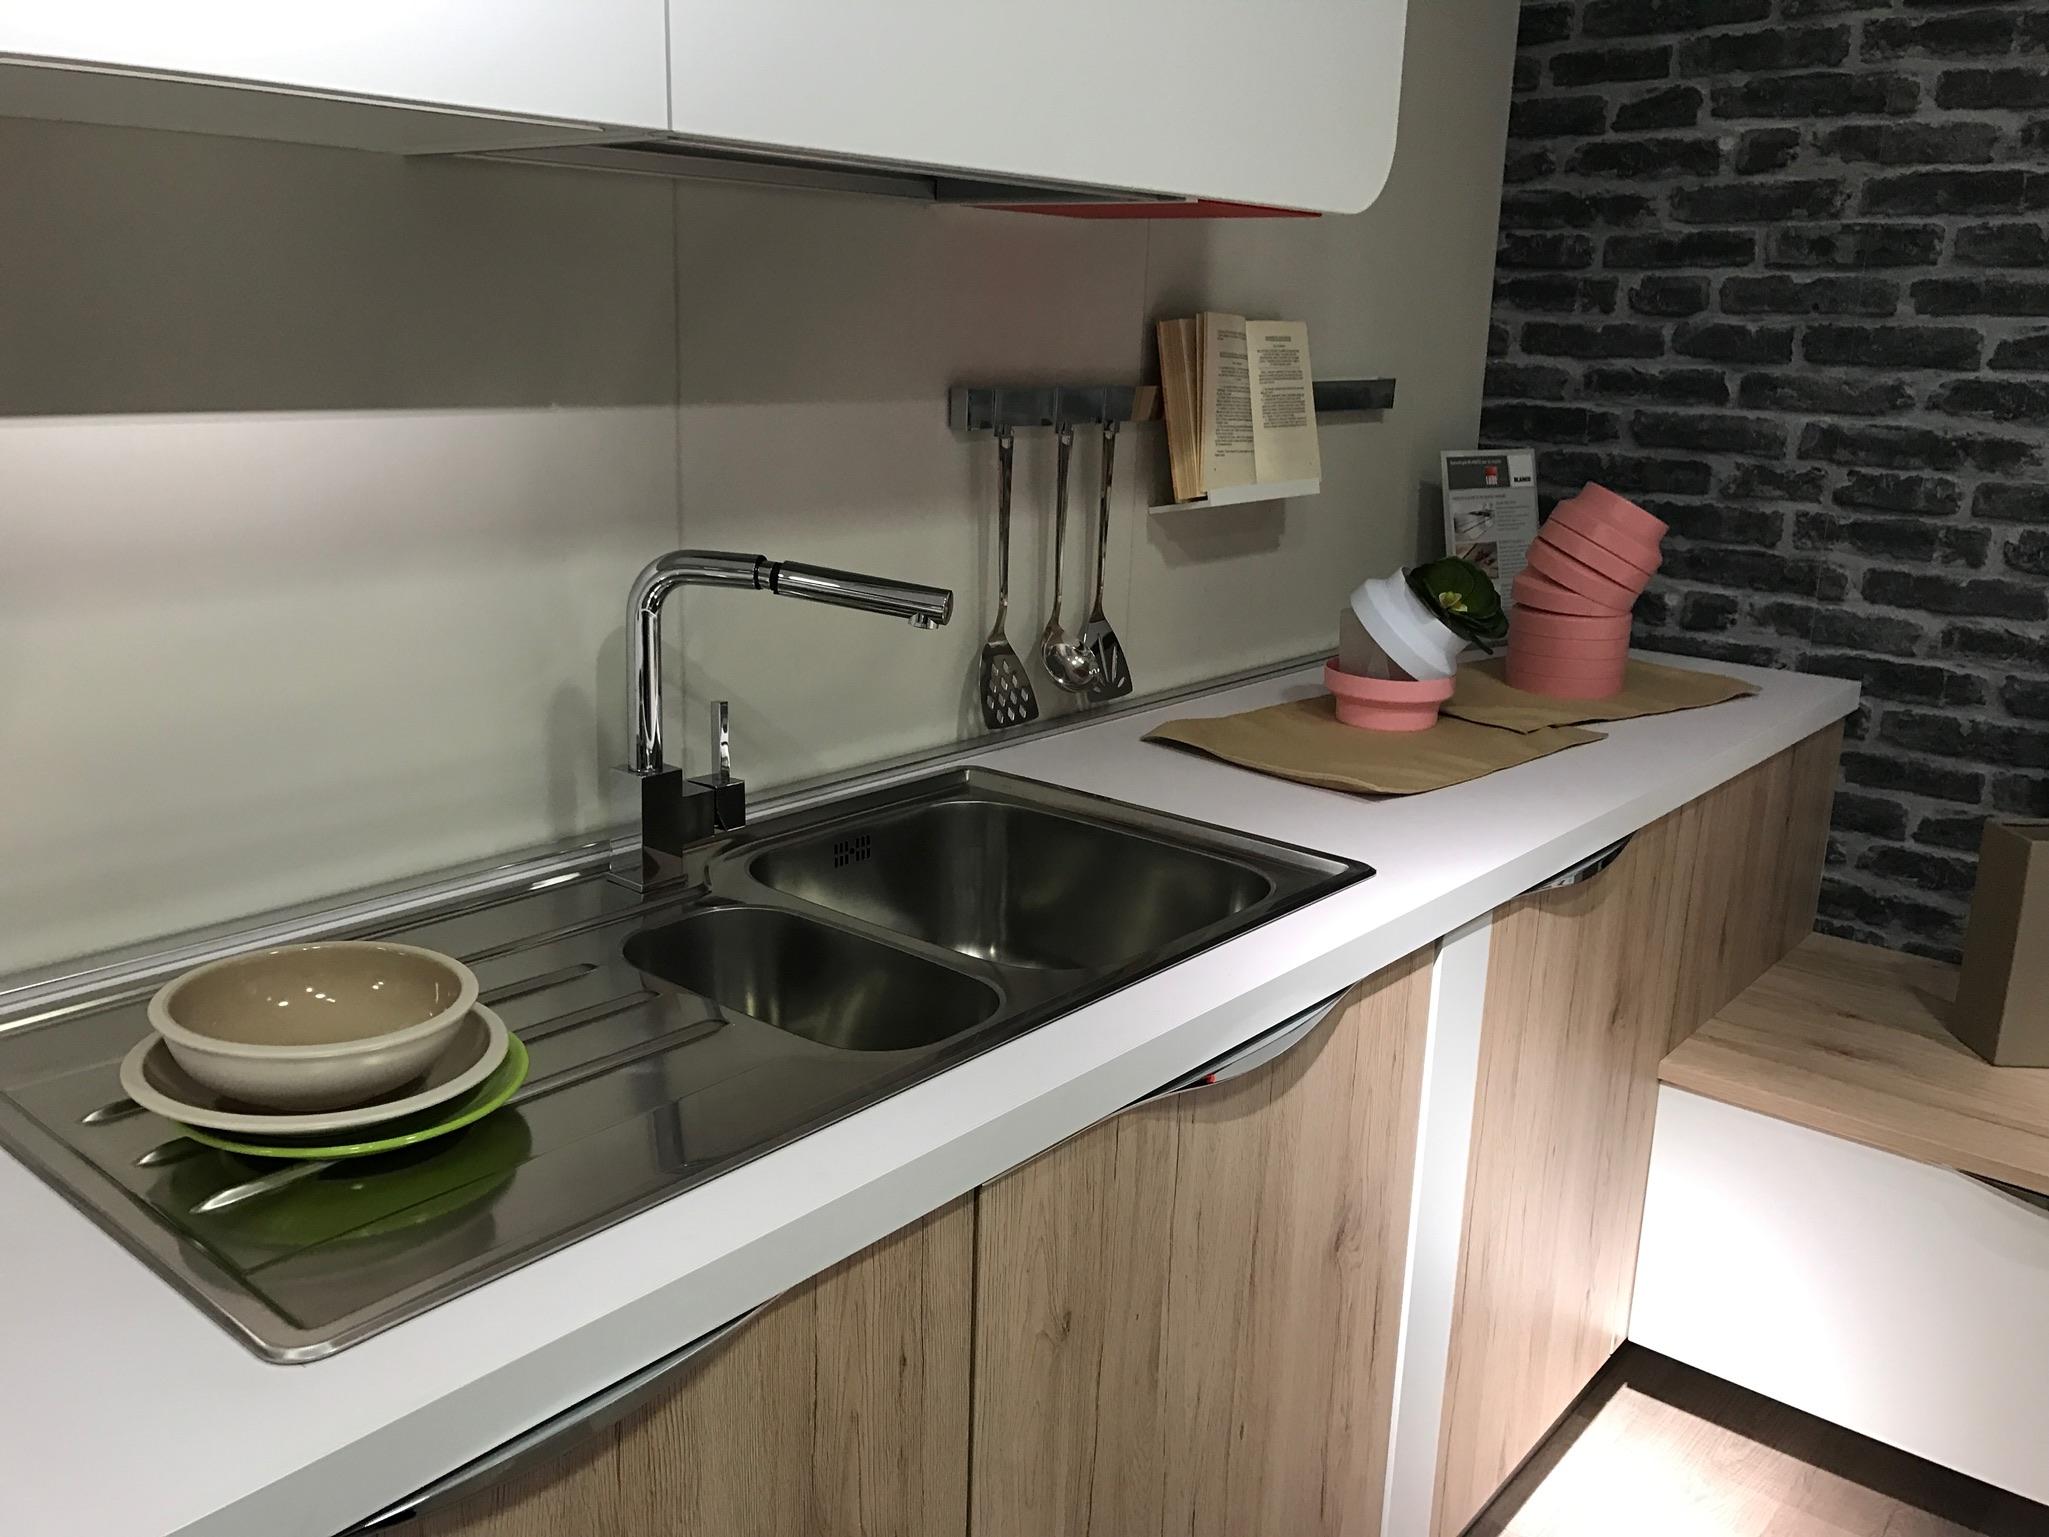 CUCINA IMMAGINA LUBE CON PENISOLA PREZZO OFFERTA - Cucine a prezzi scontati